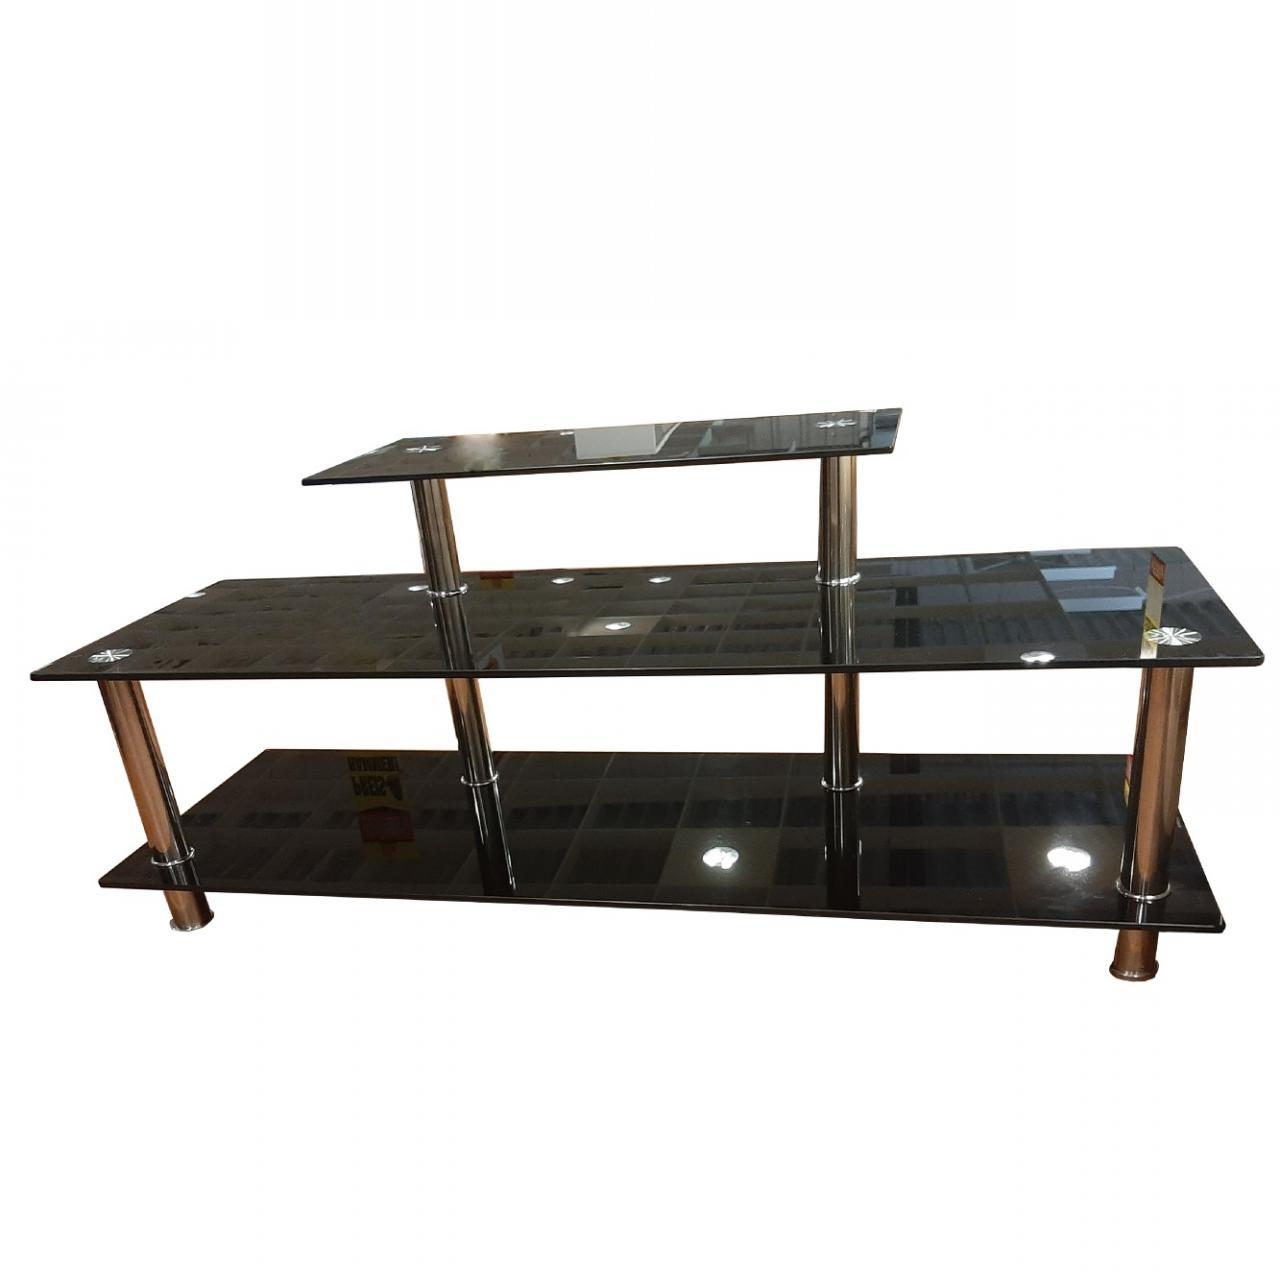 Phonotisch 152022 Fernsehtisch Schwarz Chrom Lowboard Metall Glas TV-Tisch